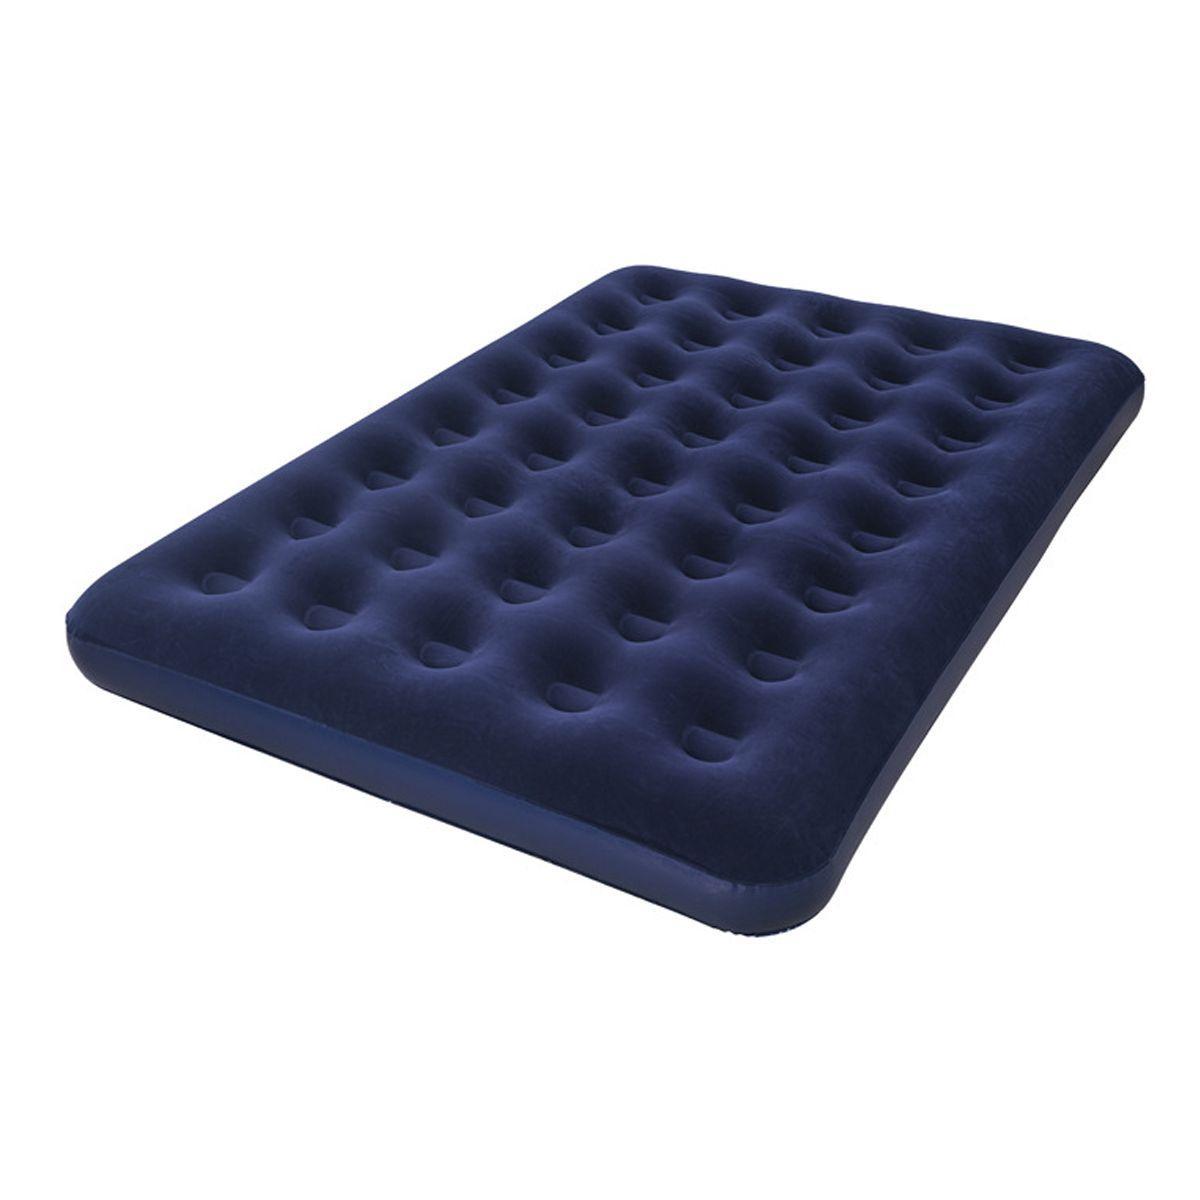 Двухместный надувной матрас для сна 203x152x22 см, синий